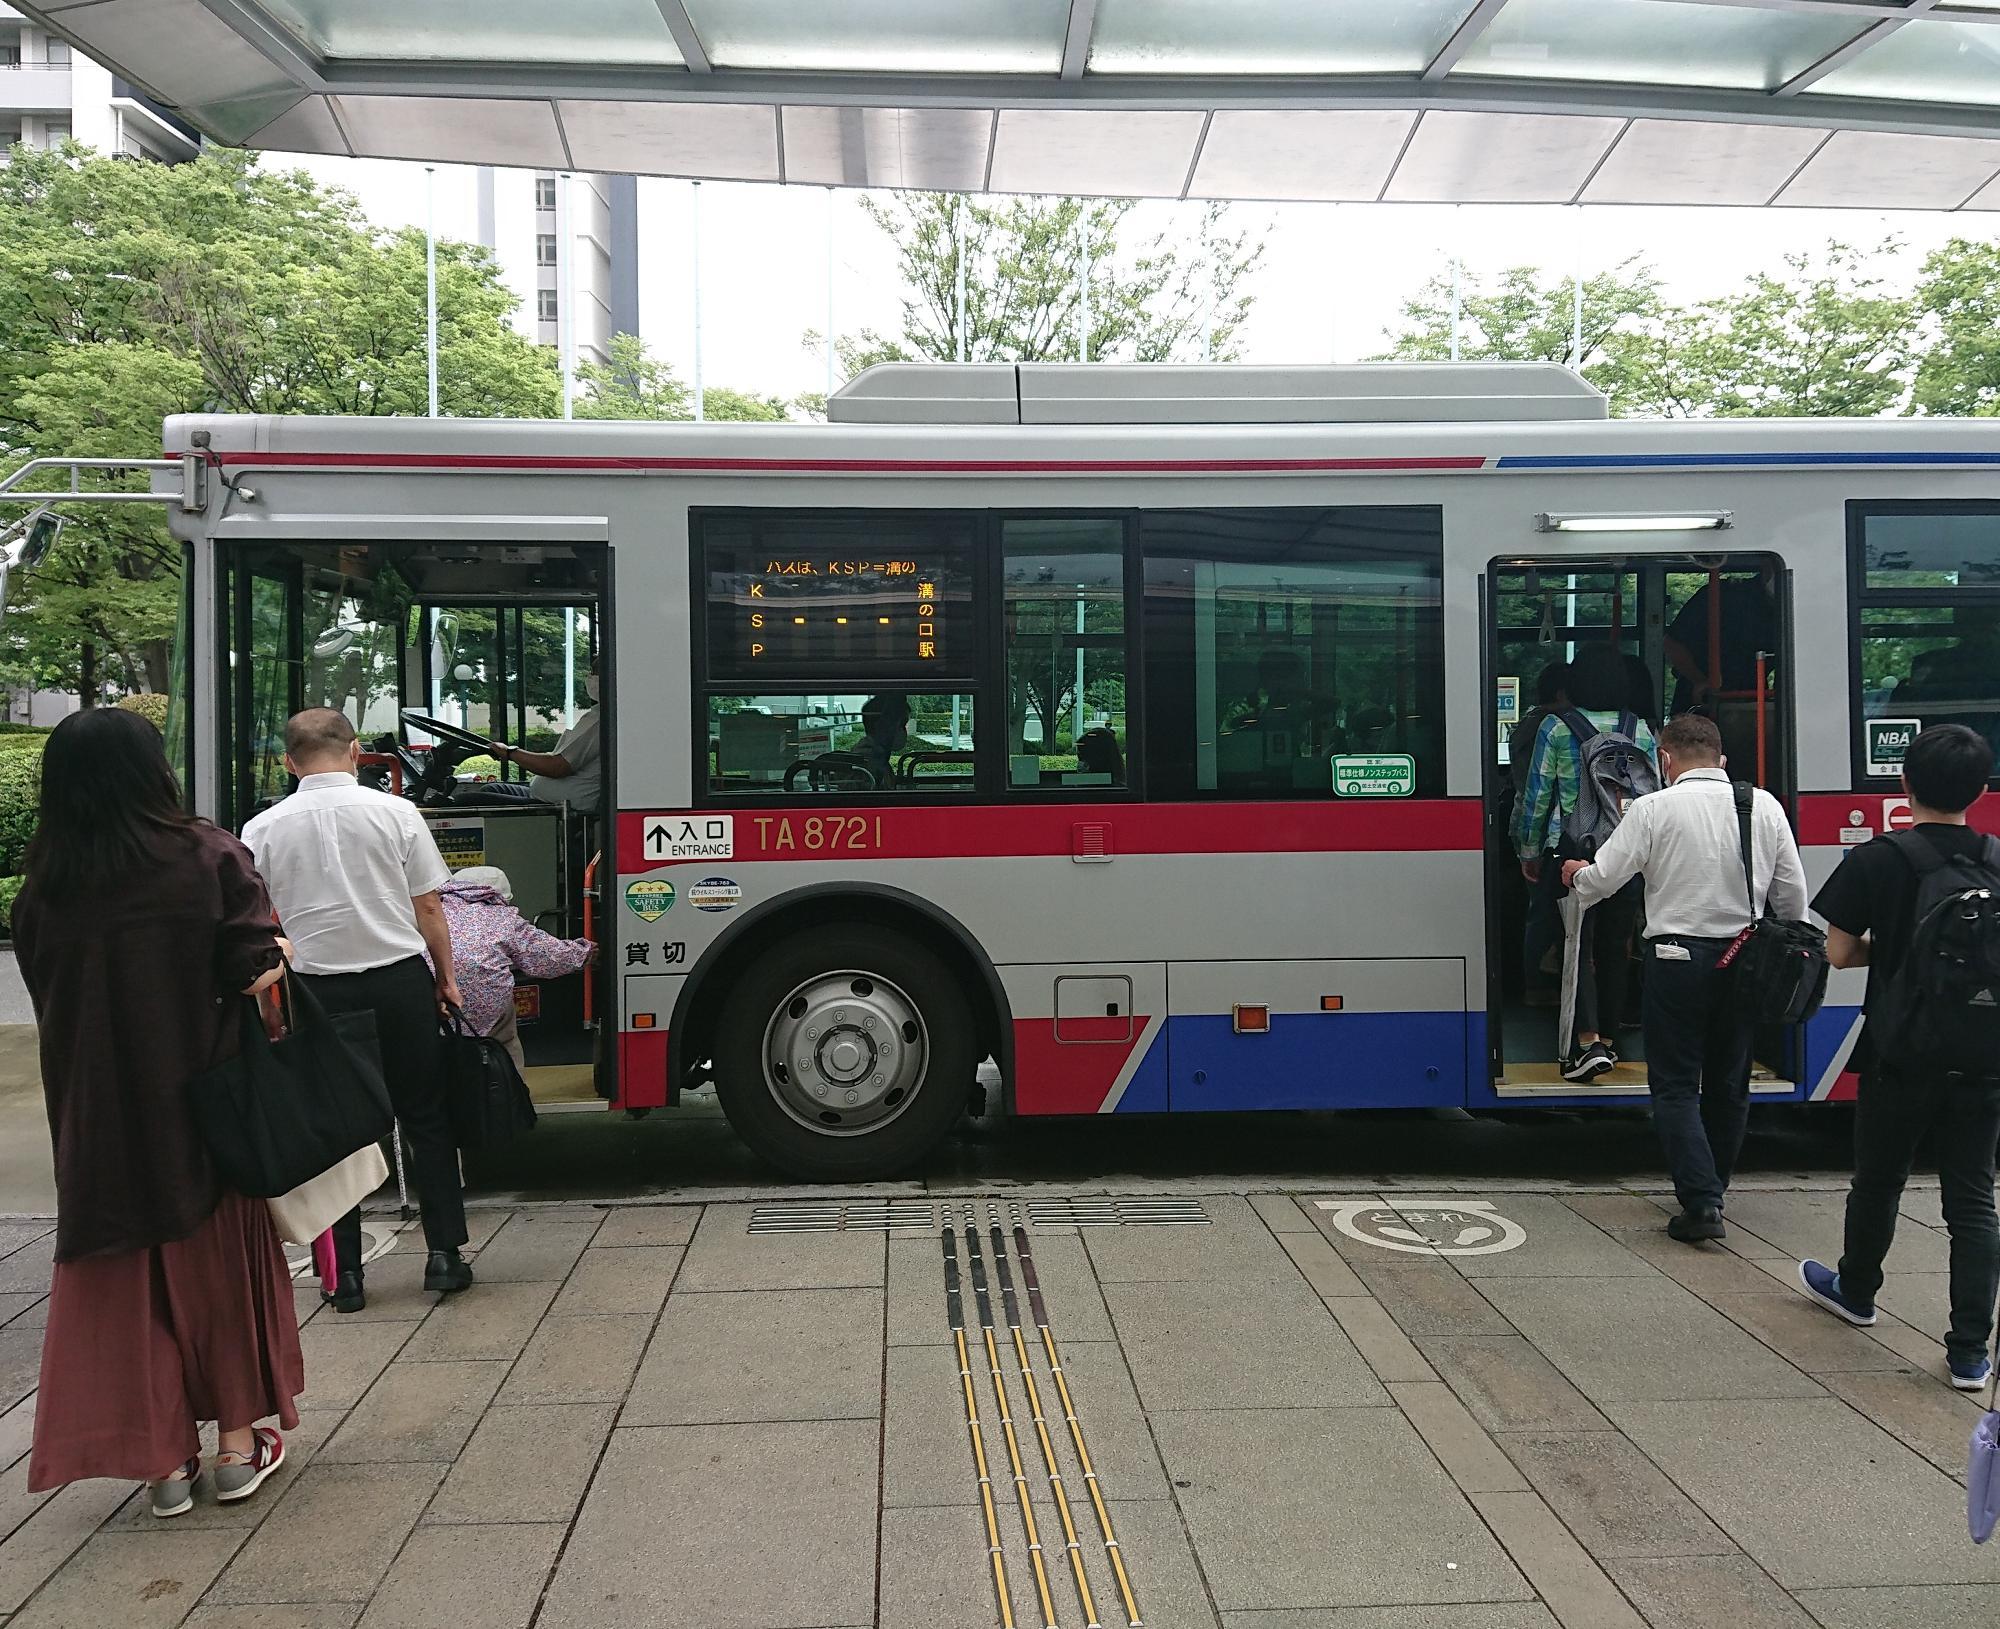 溝の口駅との直行シャトルバス(無料)で駅まで5分